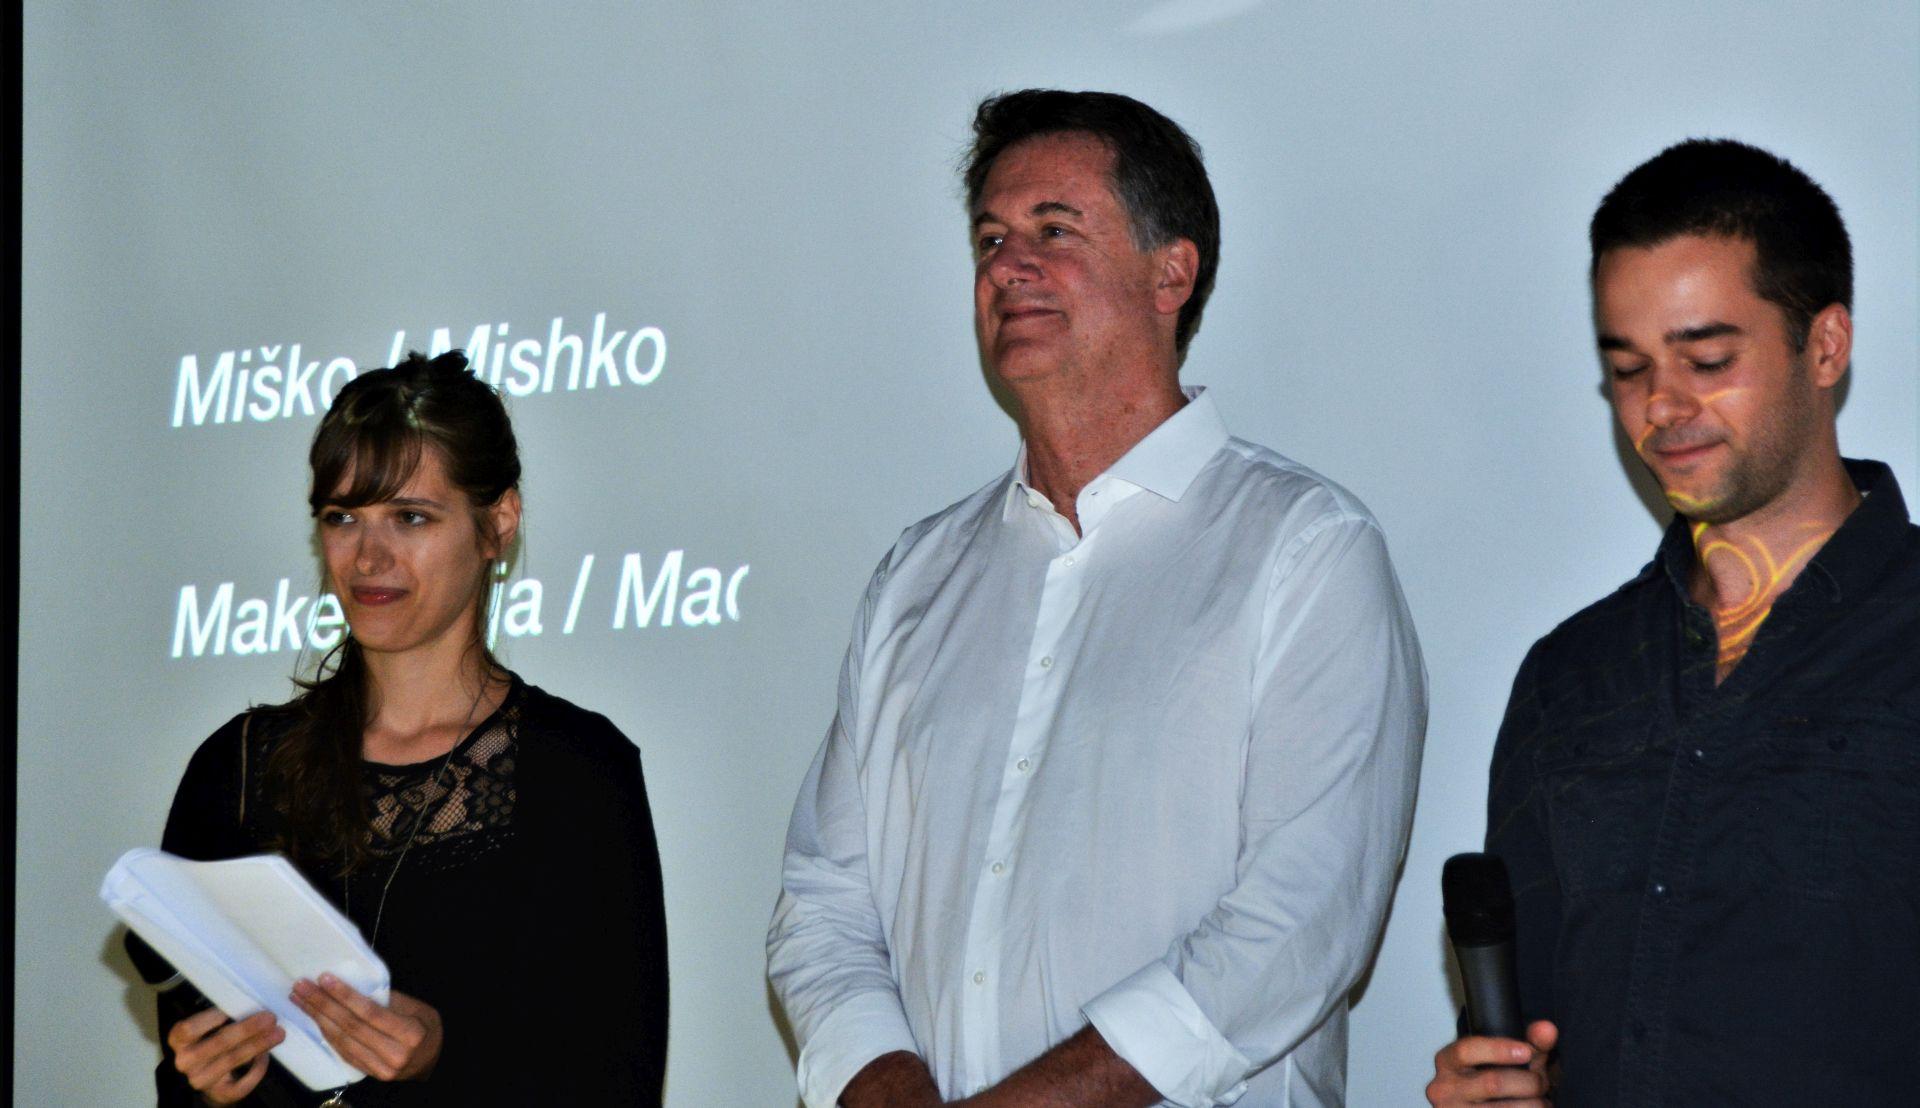 """Grand Prix iz Karlovca u Makedoniju za film """"Miško"""""""